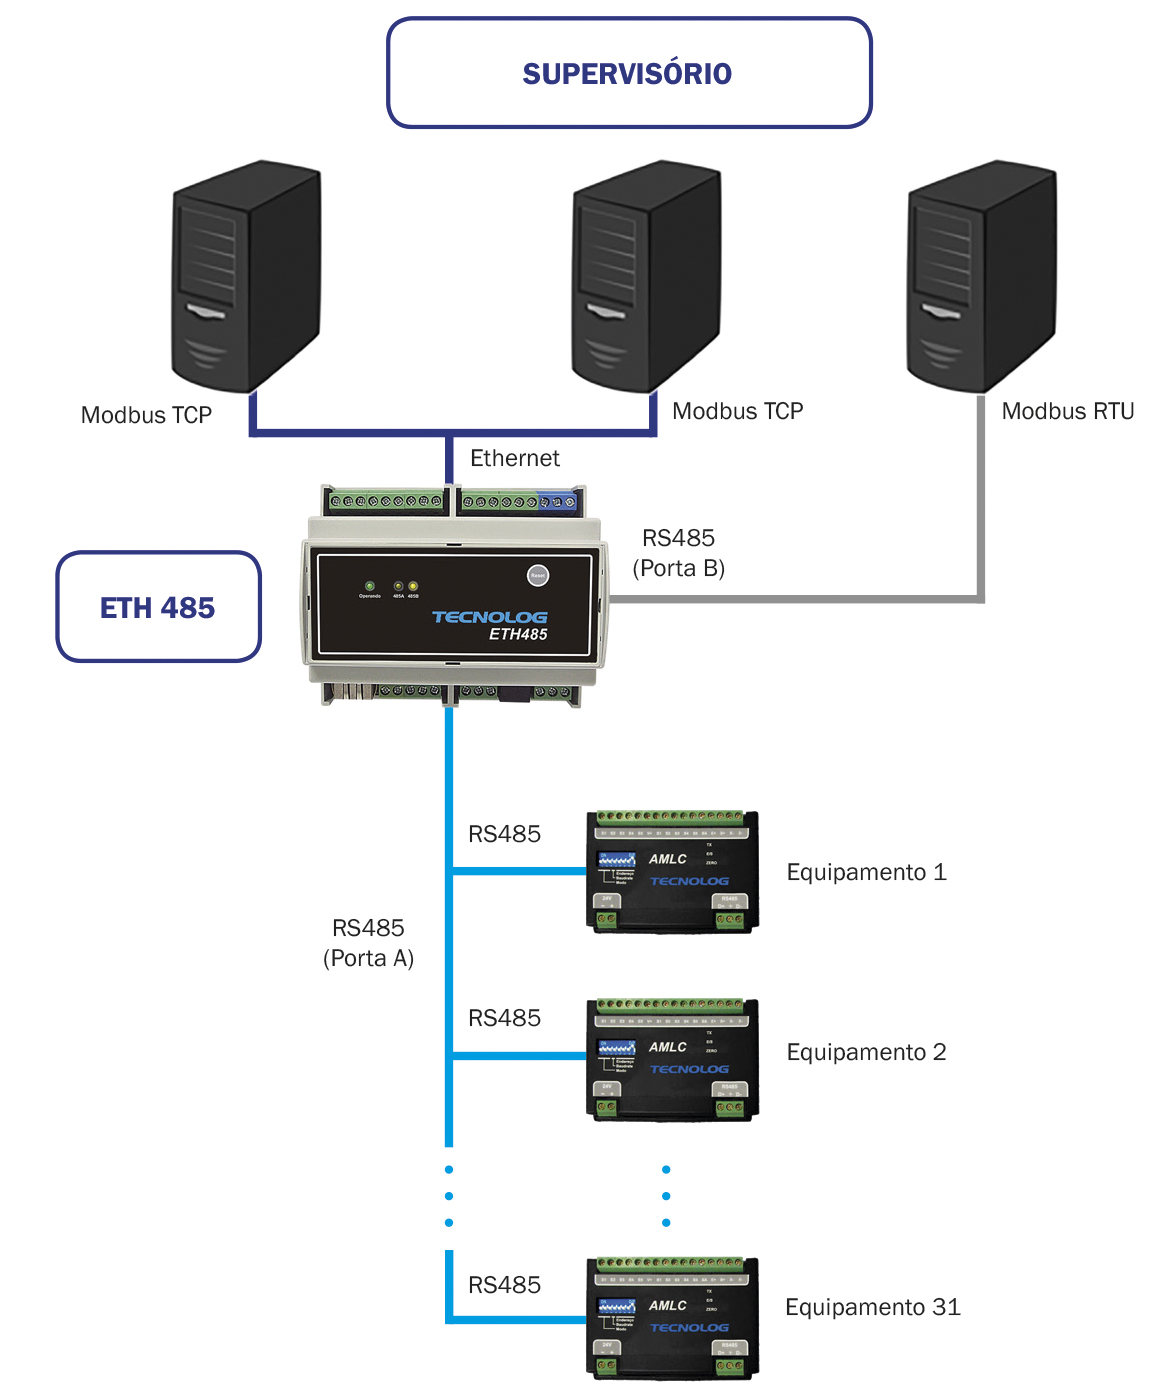 Utilização do ETH485 como ponte Modbus para comunicação com supervisório